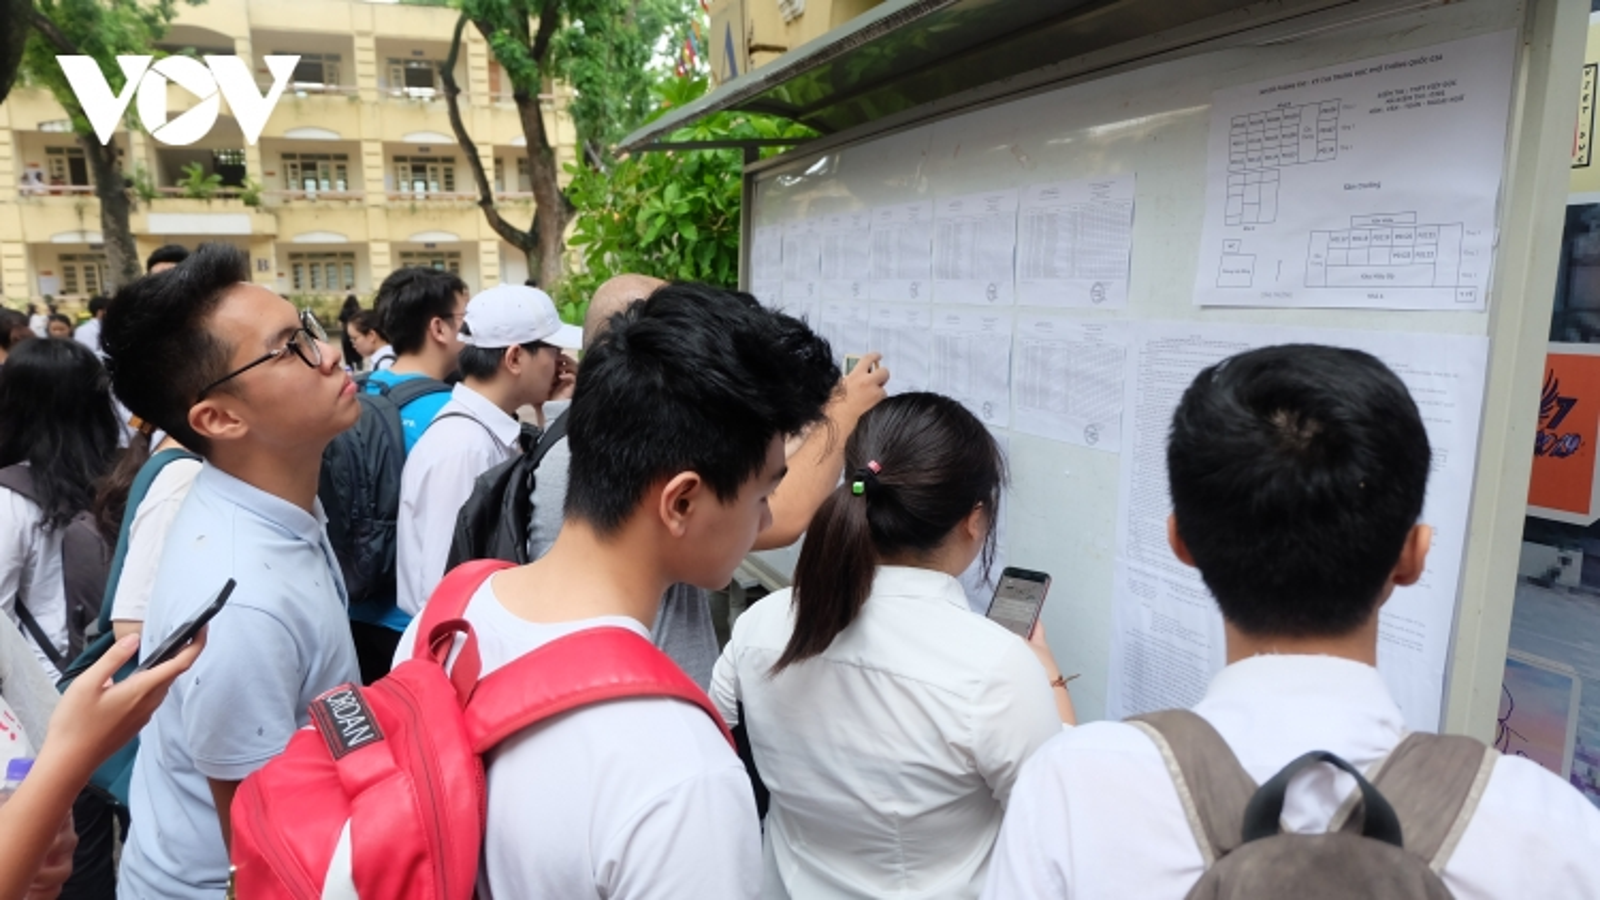 Hơn 1 triệu thí sinh đăng ký dự thi tốt nghiệp THPT 2021